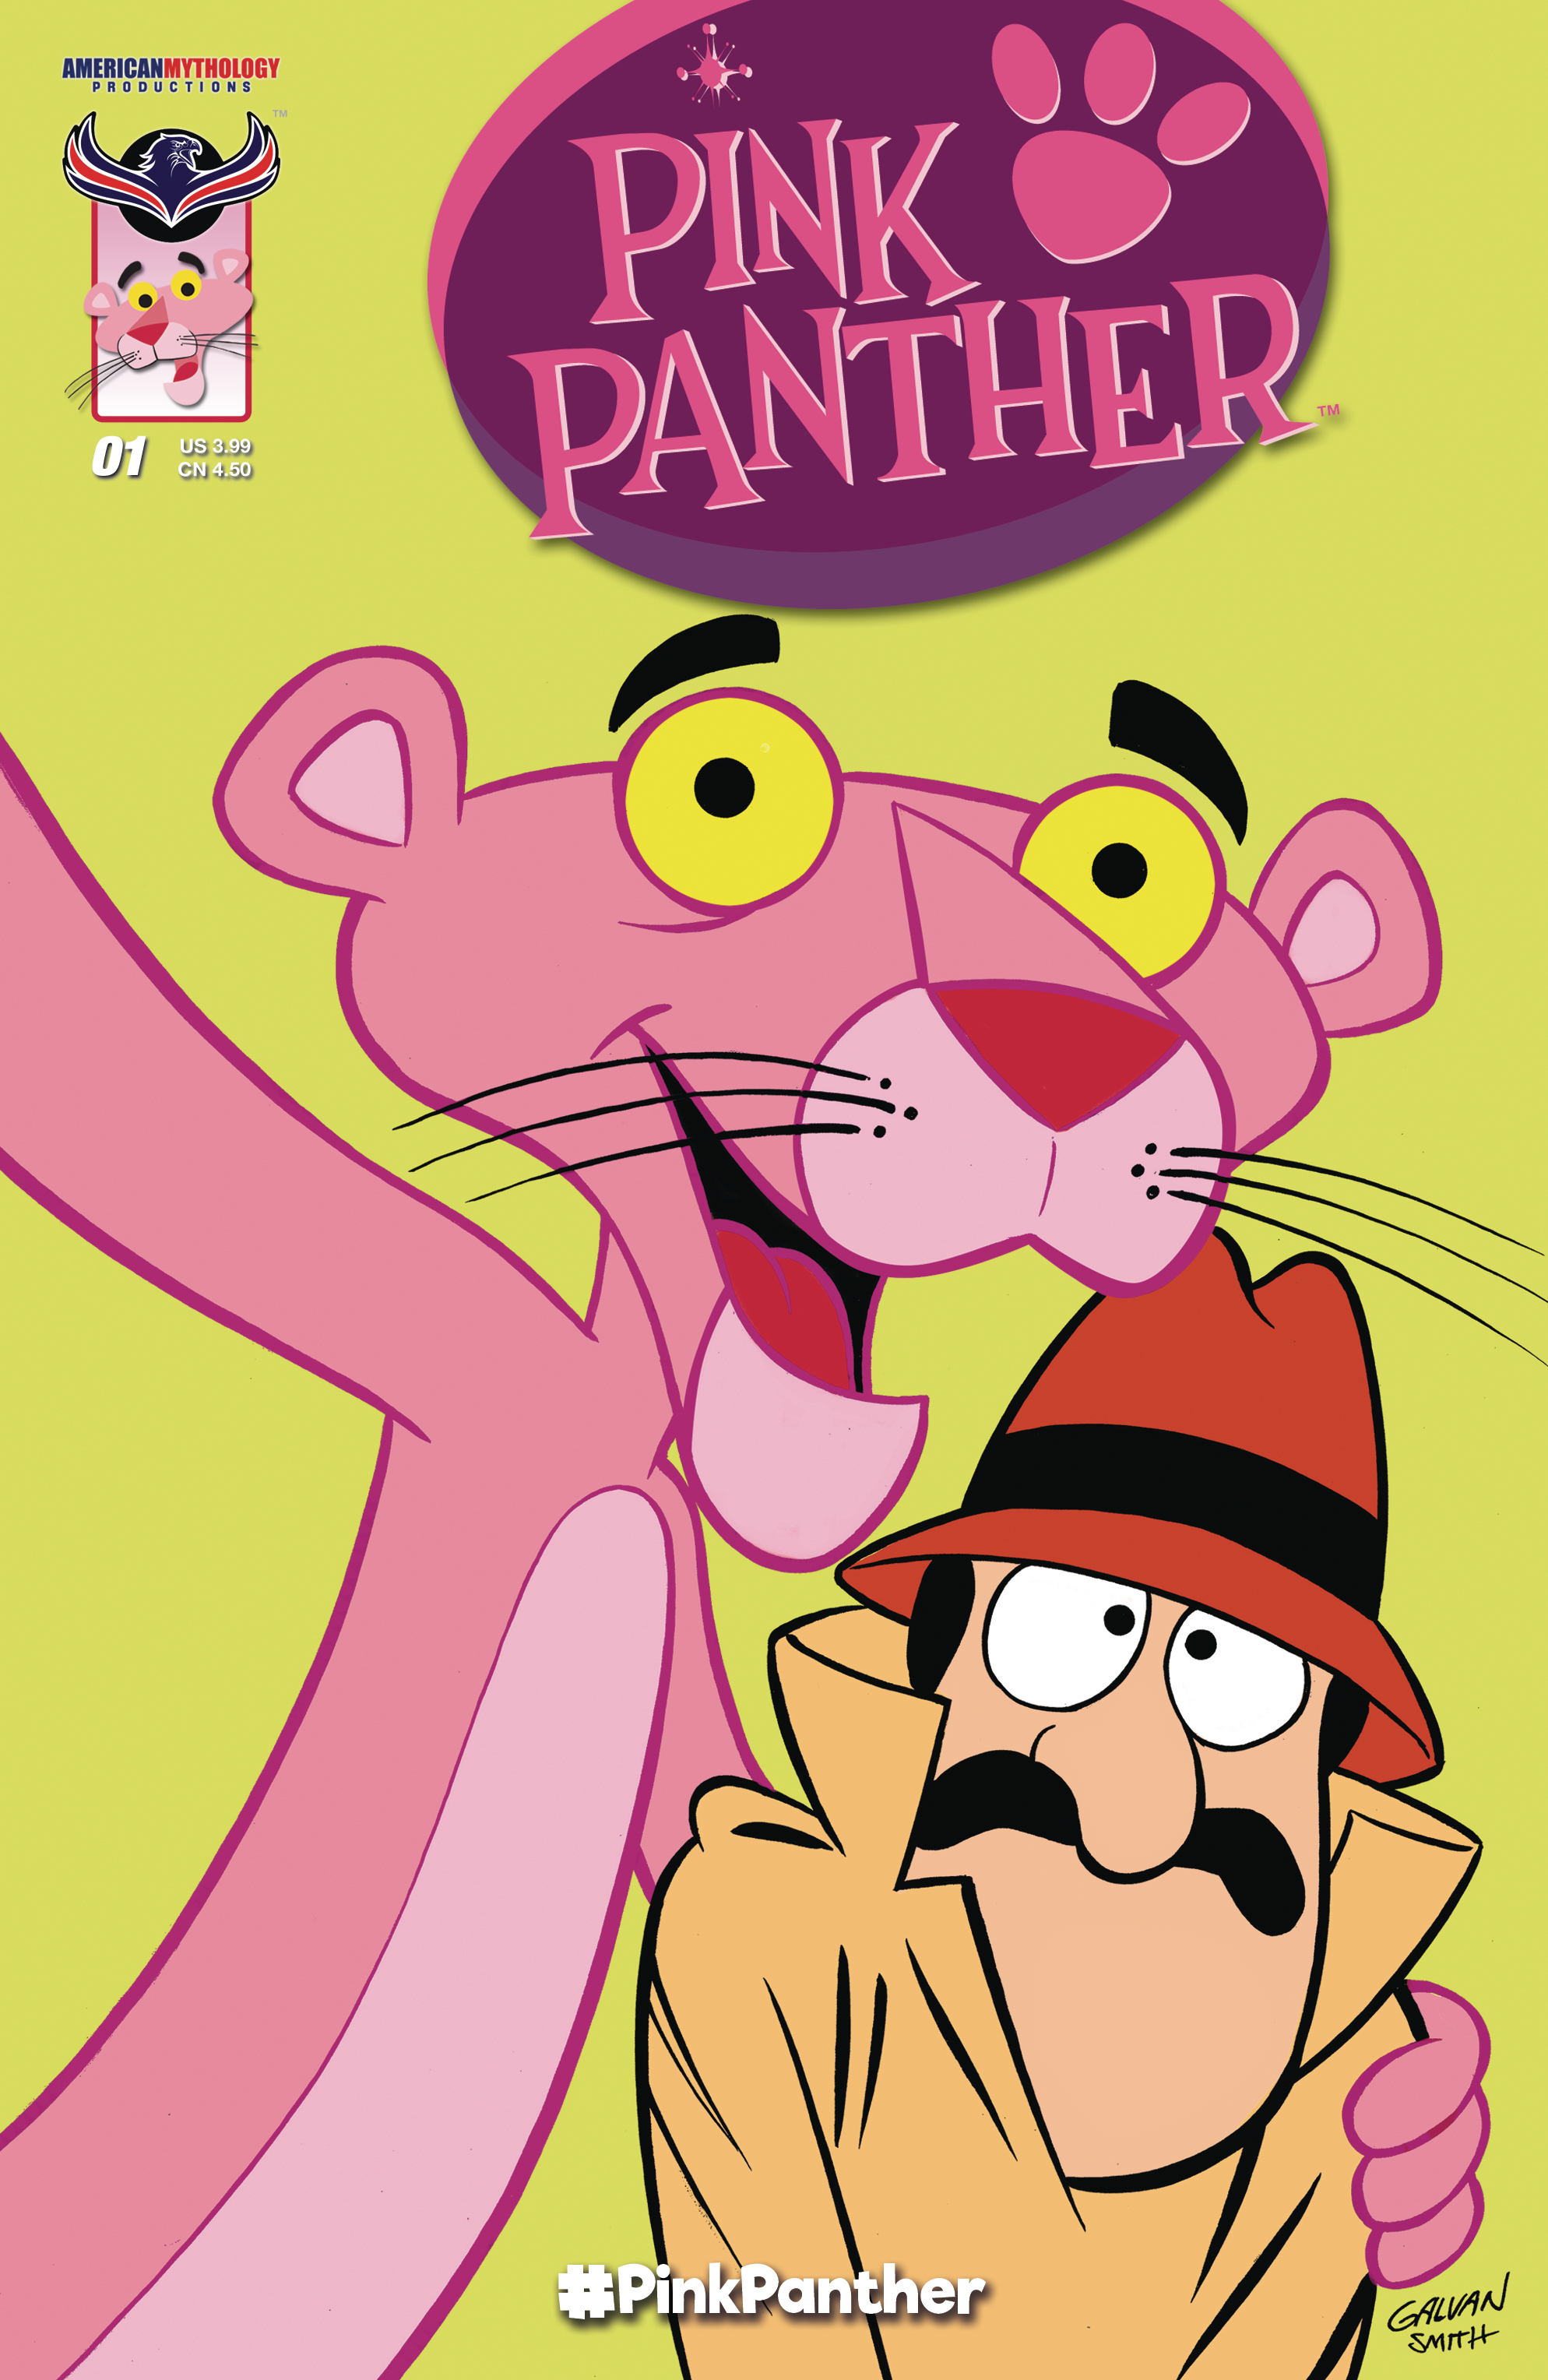 PINK PANTHER #1 MAIN CVR (O/A)